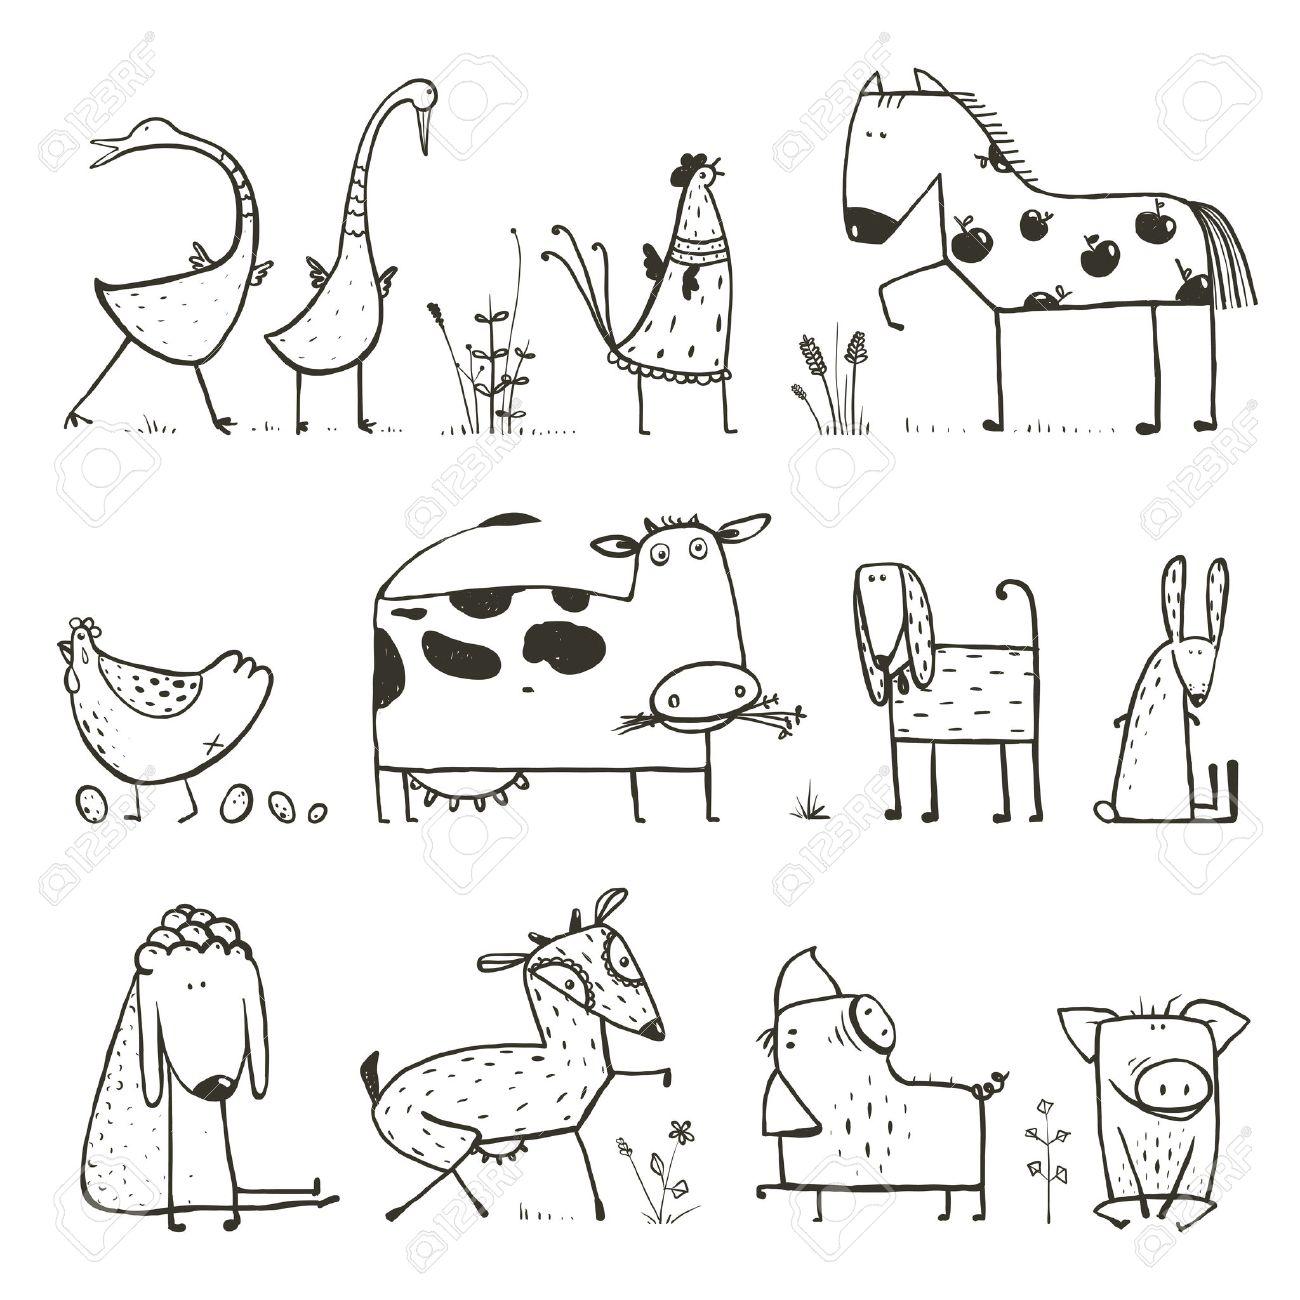 Bande Dessinée Drôle De Ferme Animaux Domestiques Collection Pour Enfants Coloriage